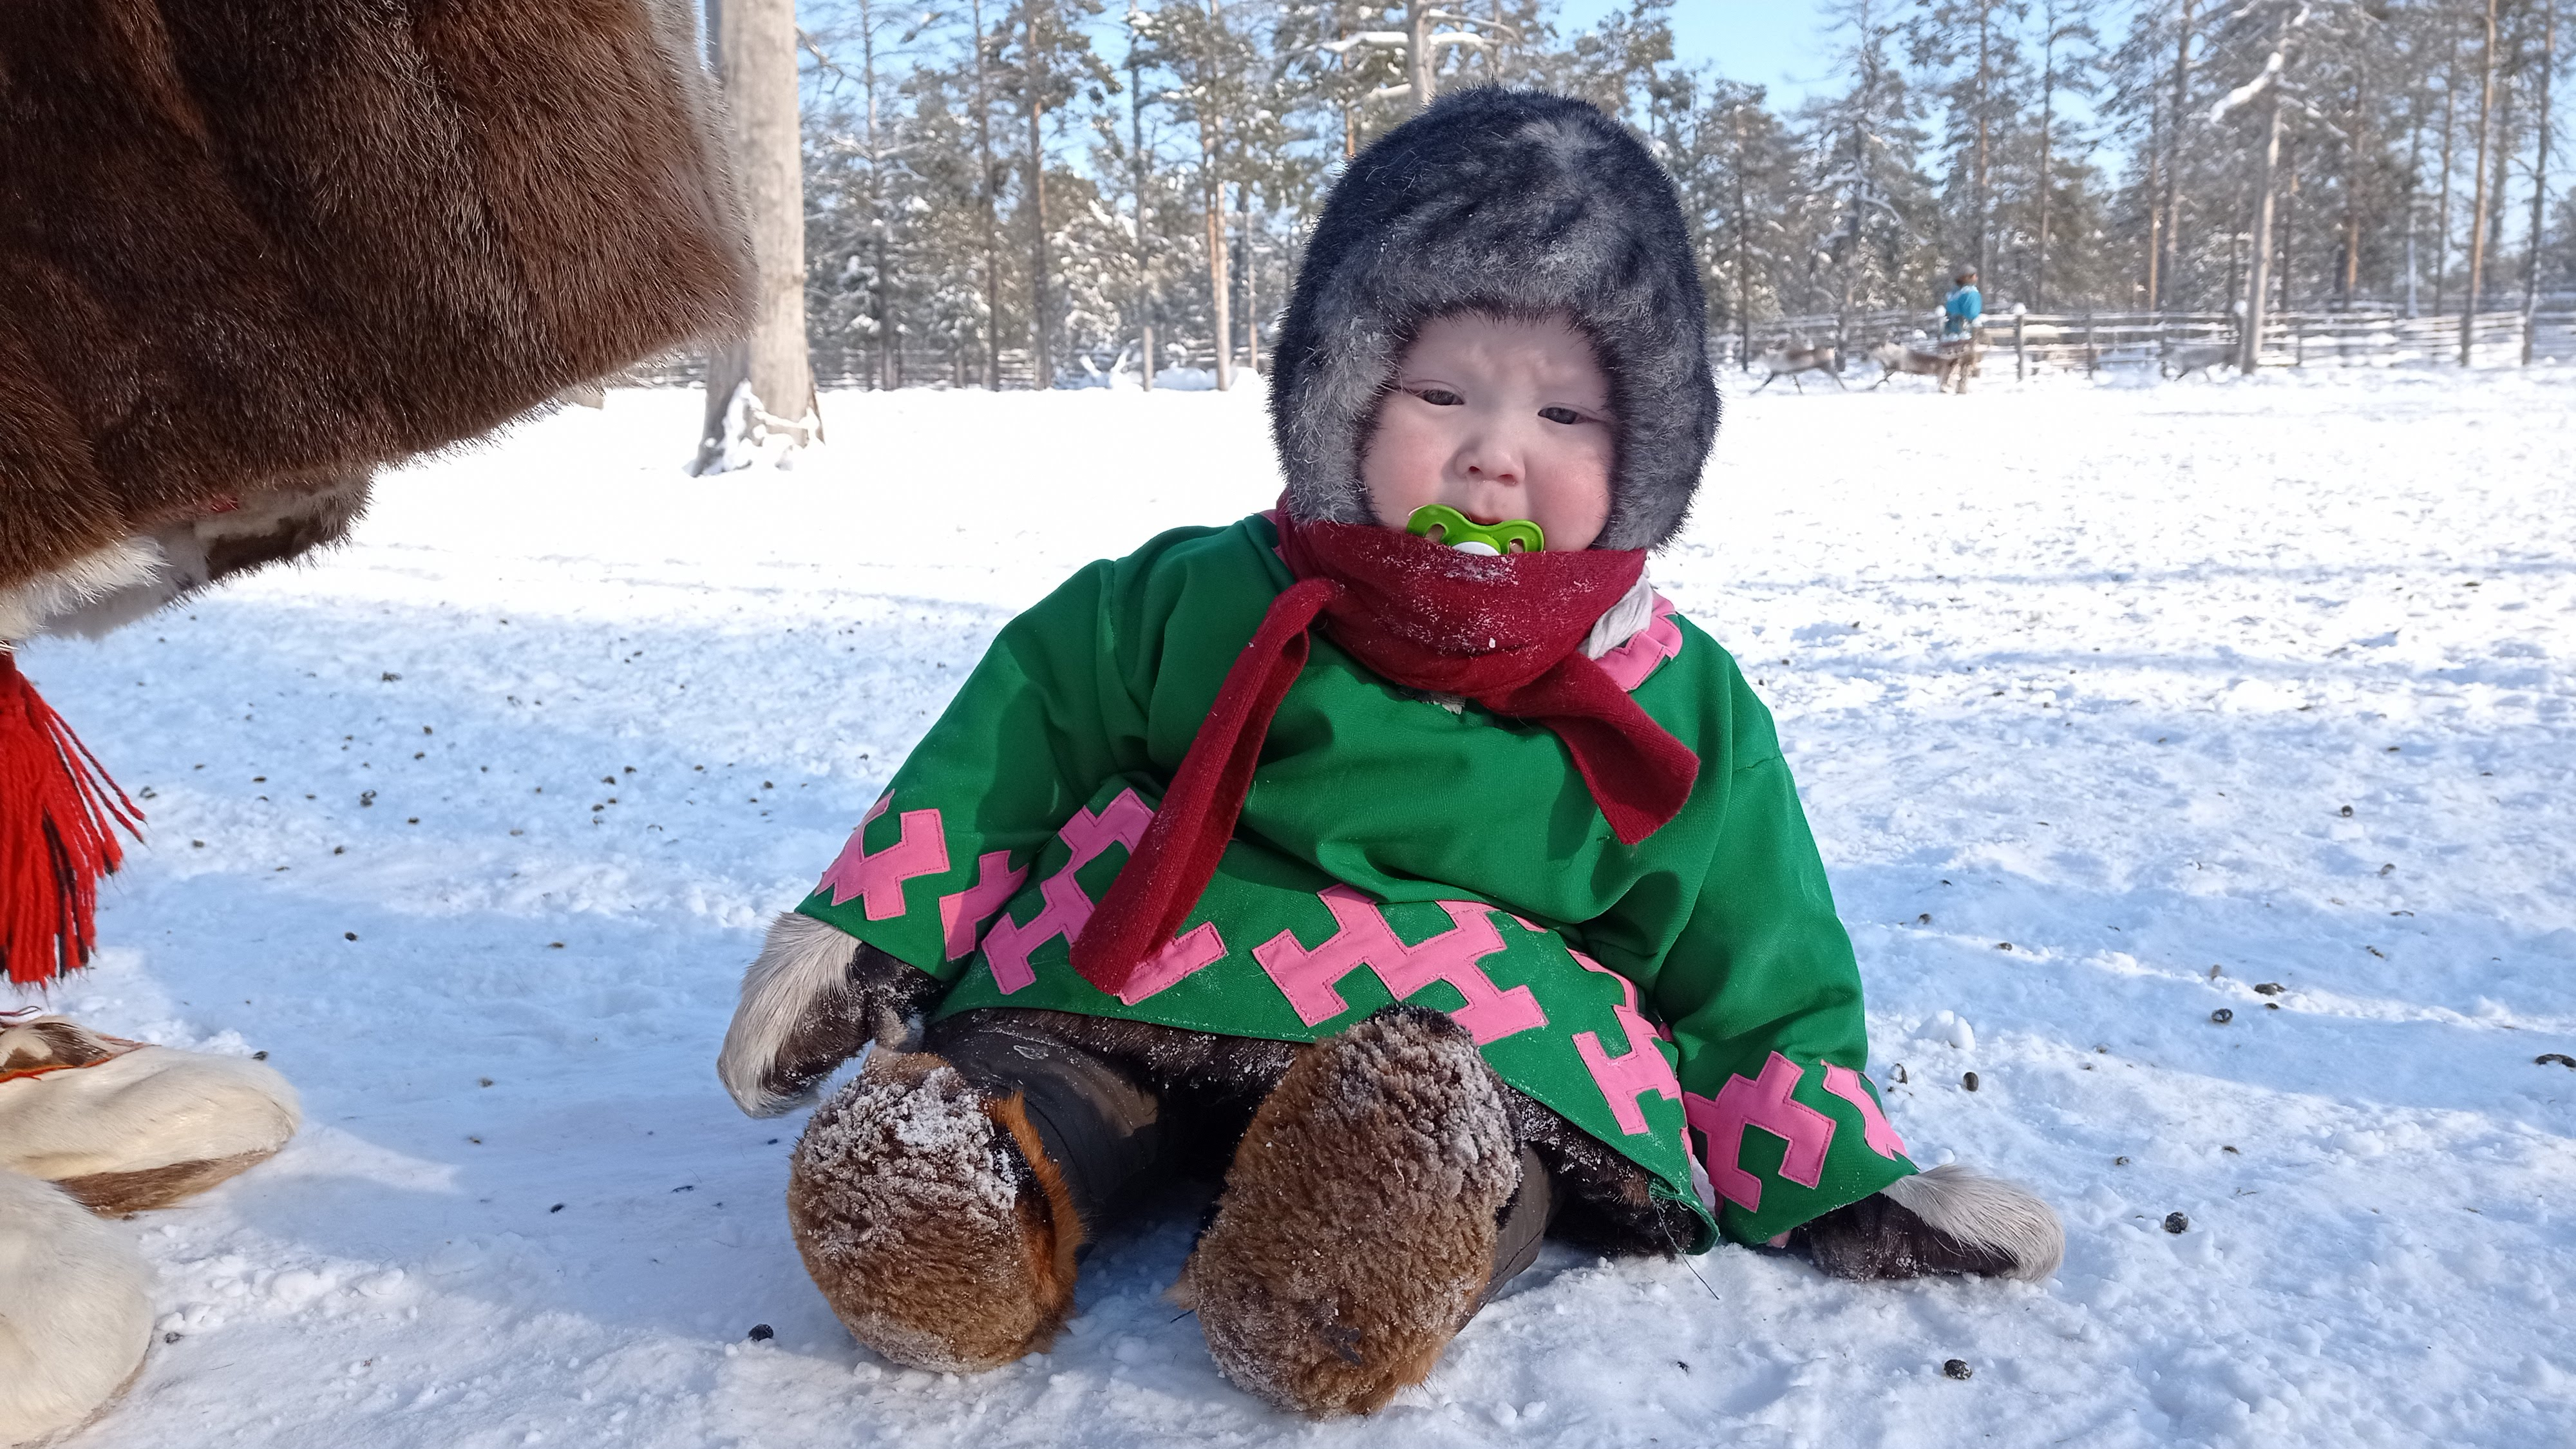 Сын Кольчу играет на снегу